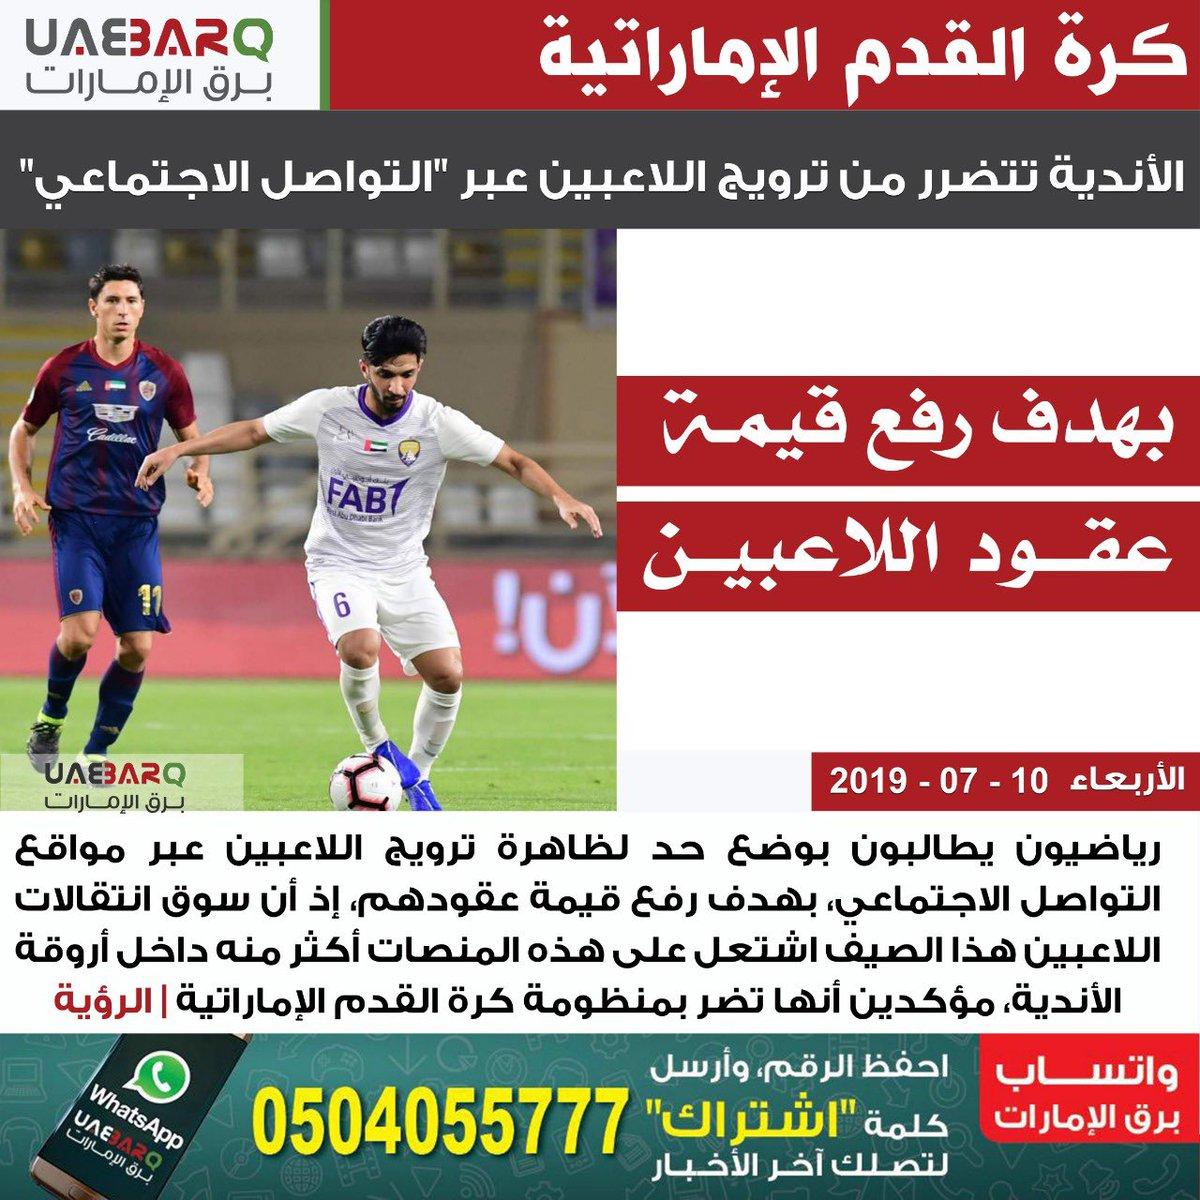 a149a32ed برق الإمارات (@UAE_BARQ)   Twitter